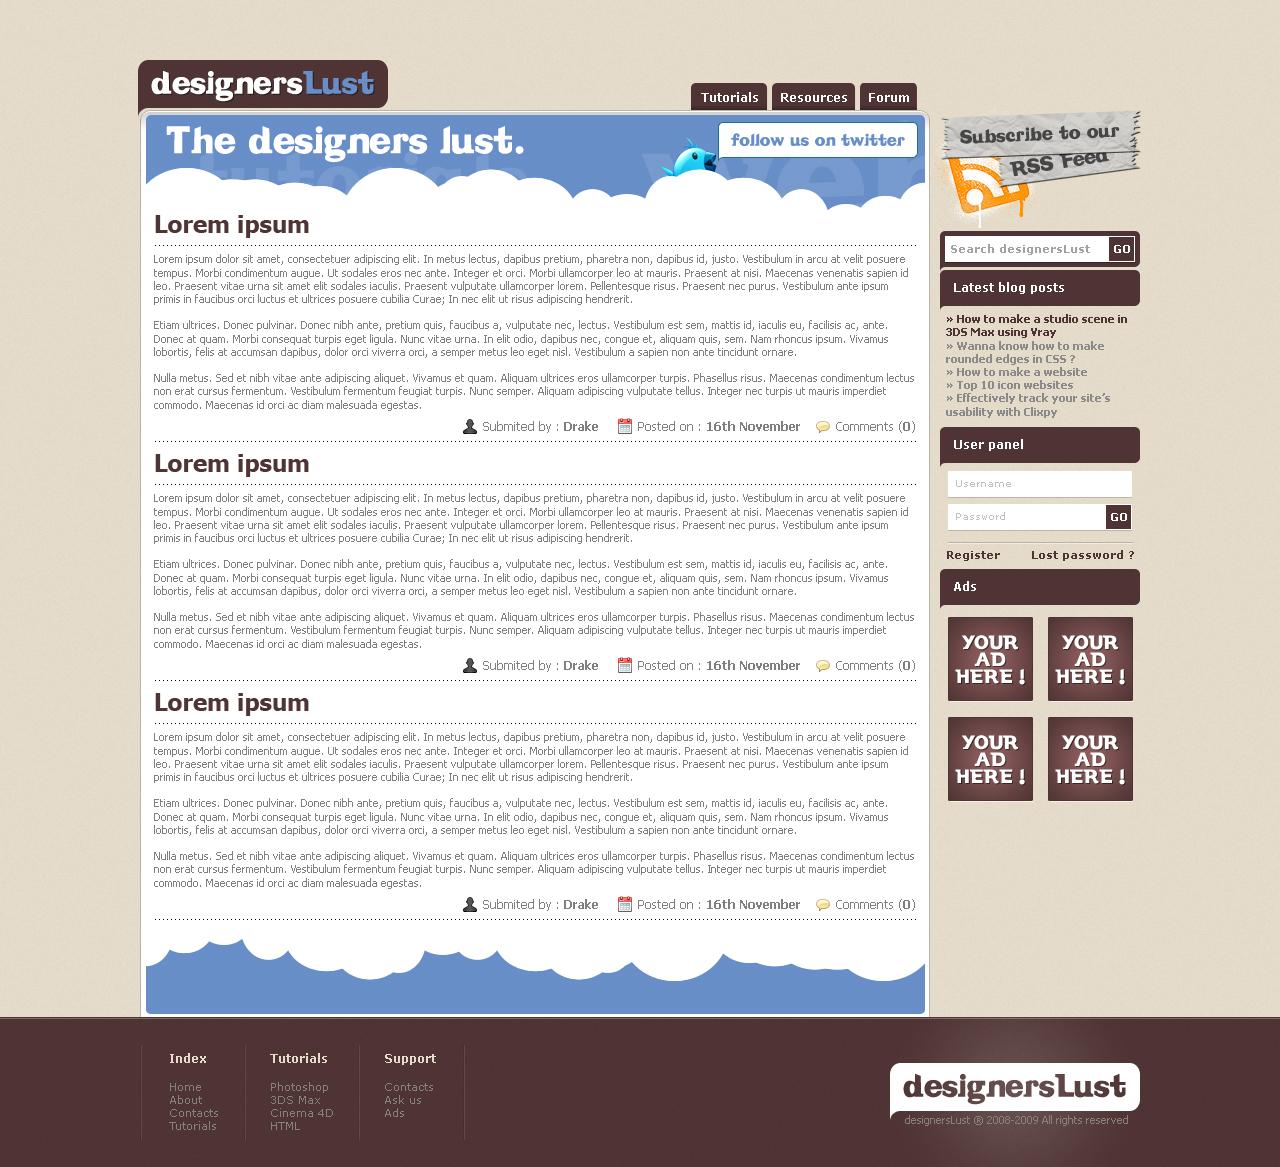 designersLust Website Design by TheDrake92